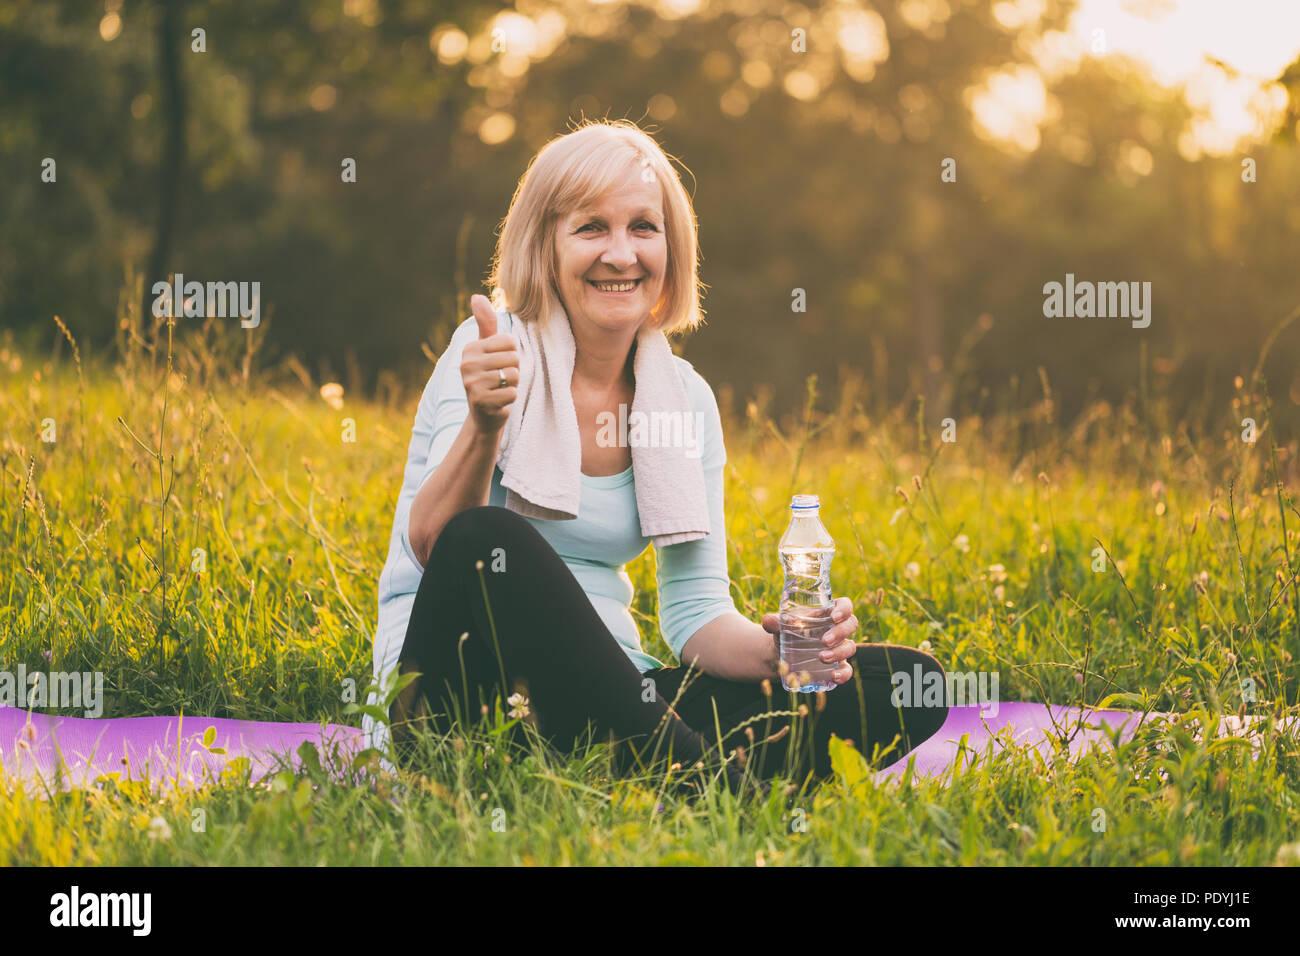 Altos funcionarios de la mujer agua potable y mostrando el pulgar hacia arriba durante el ejercicio.Imagen es intencionalmente tonificado. Imagen De Stock